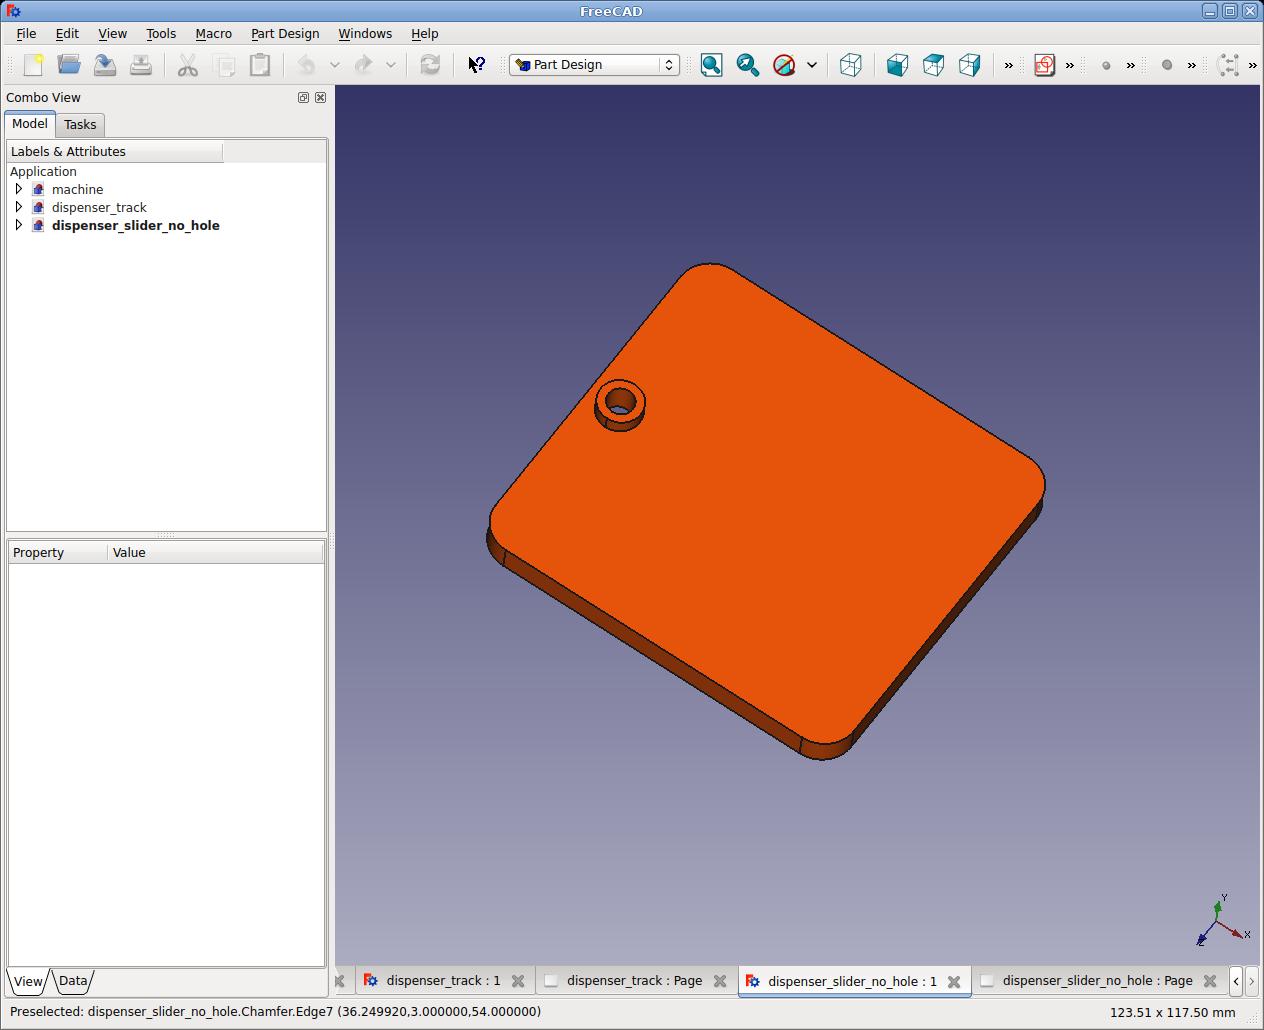 Csokoládé adagoló automata alkatrész a tervezőprogramban (FreeCAD) 2.